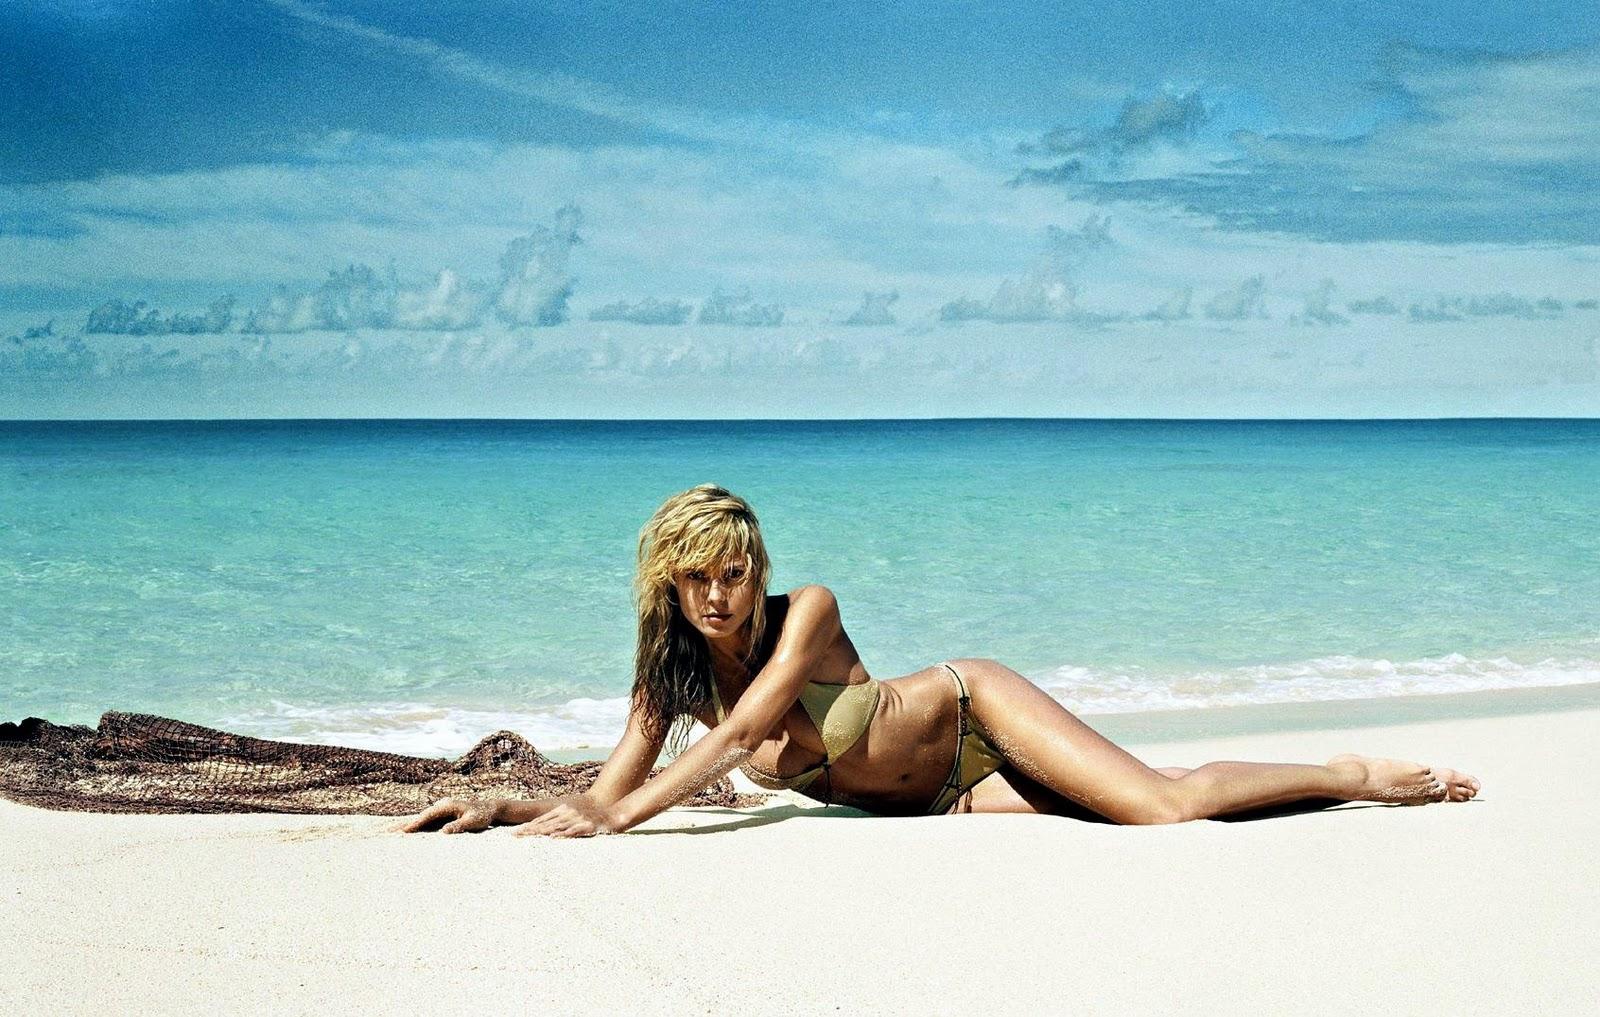 Смотреть секс на пляже, Трахнул на пляже -видео. Смотреть Трахнул на 16 фотография